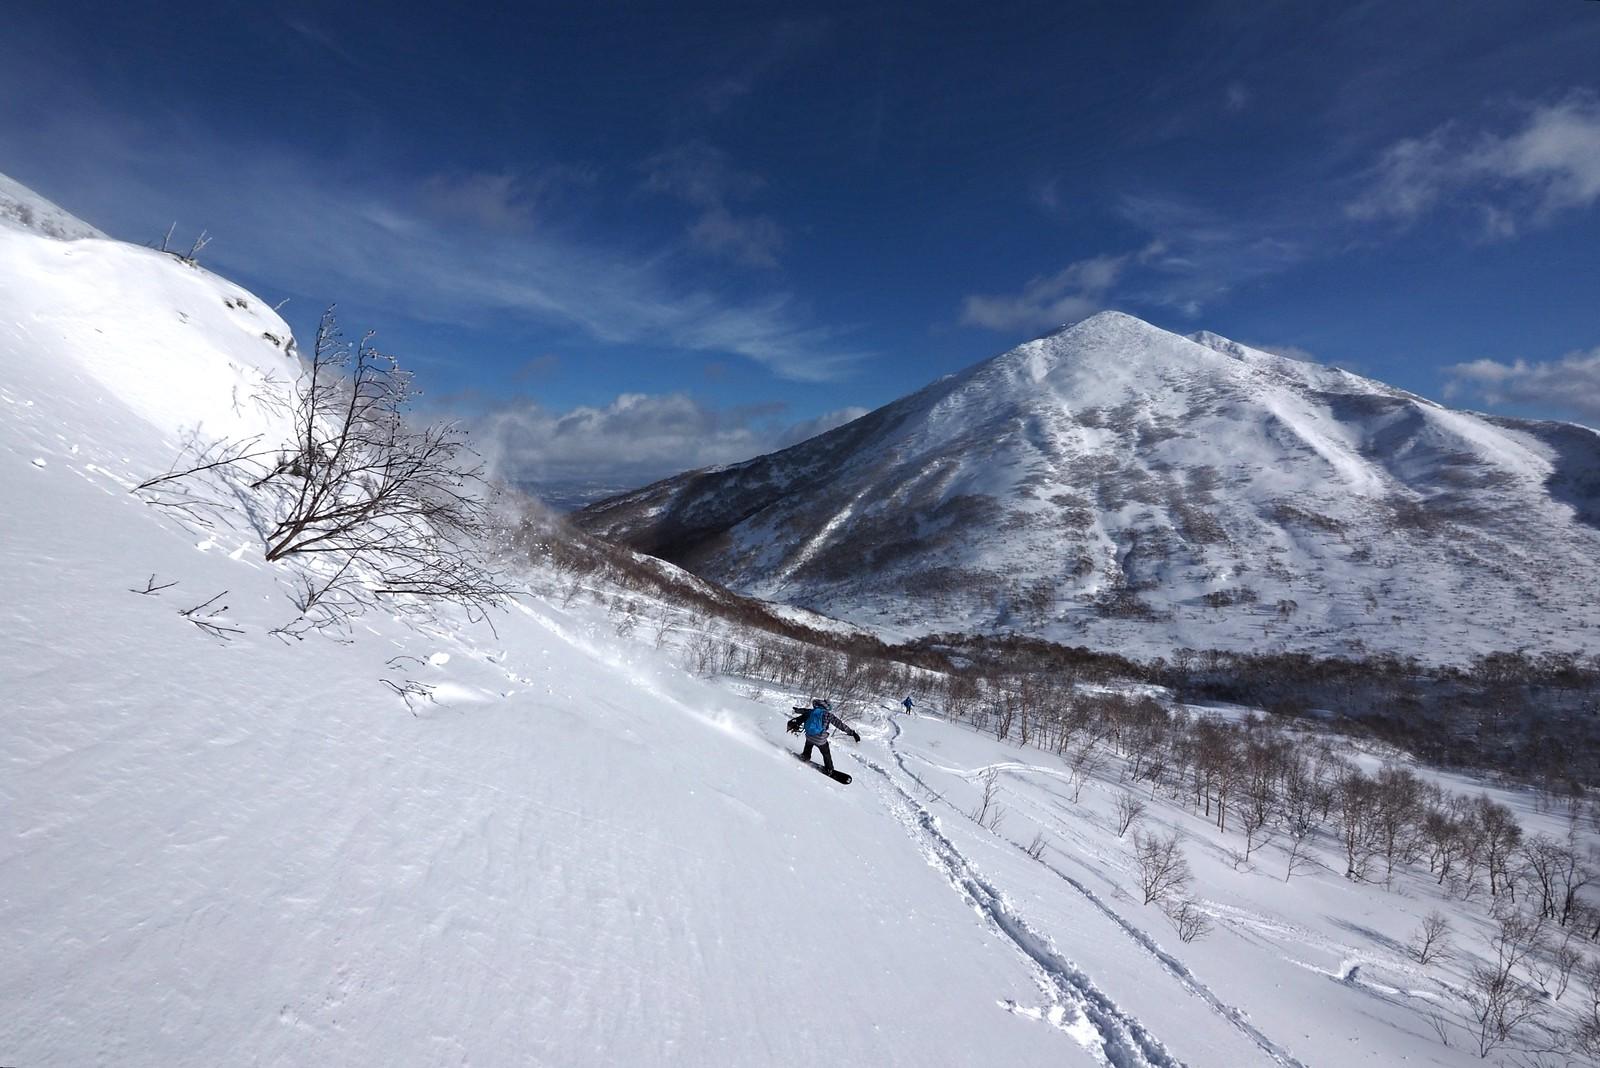 Mt. Iwaonupuri Ski Touring (Hokkaido, Japan)